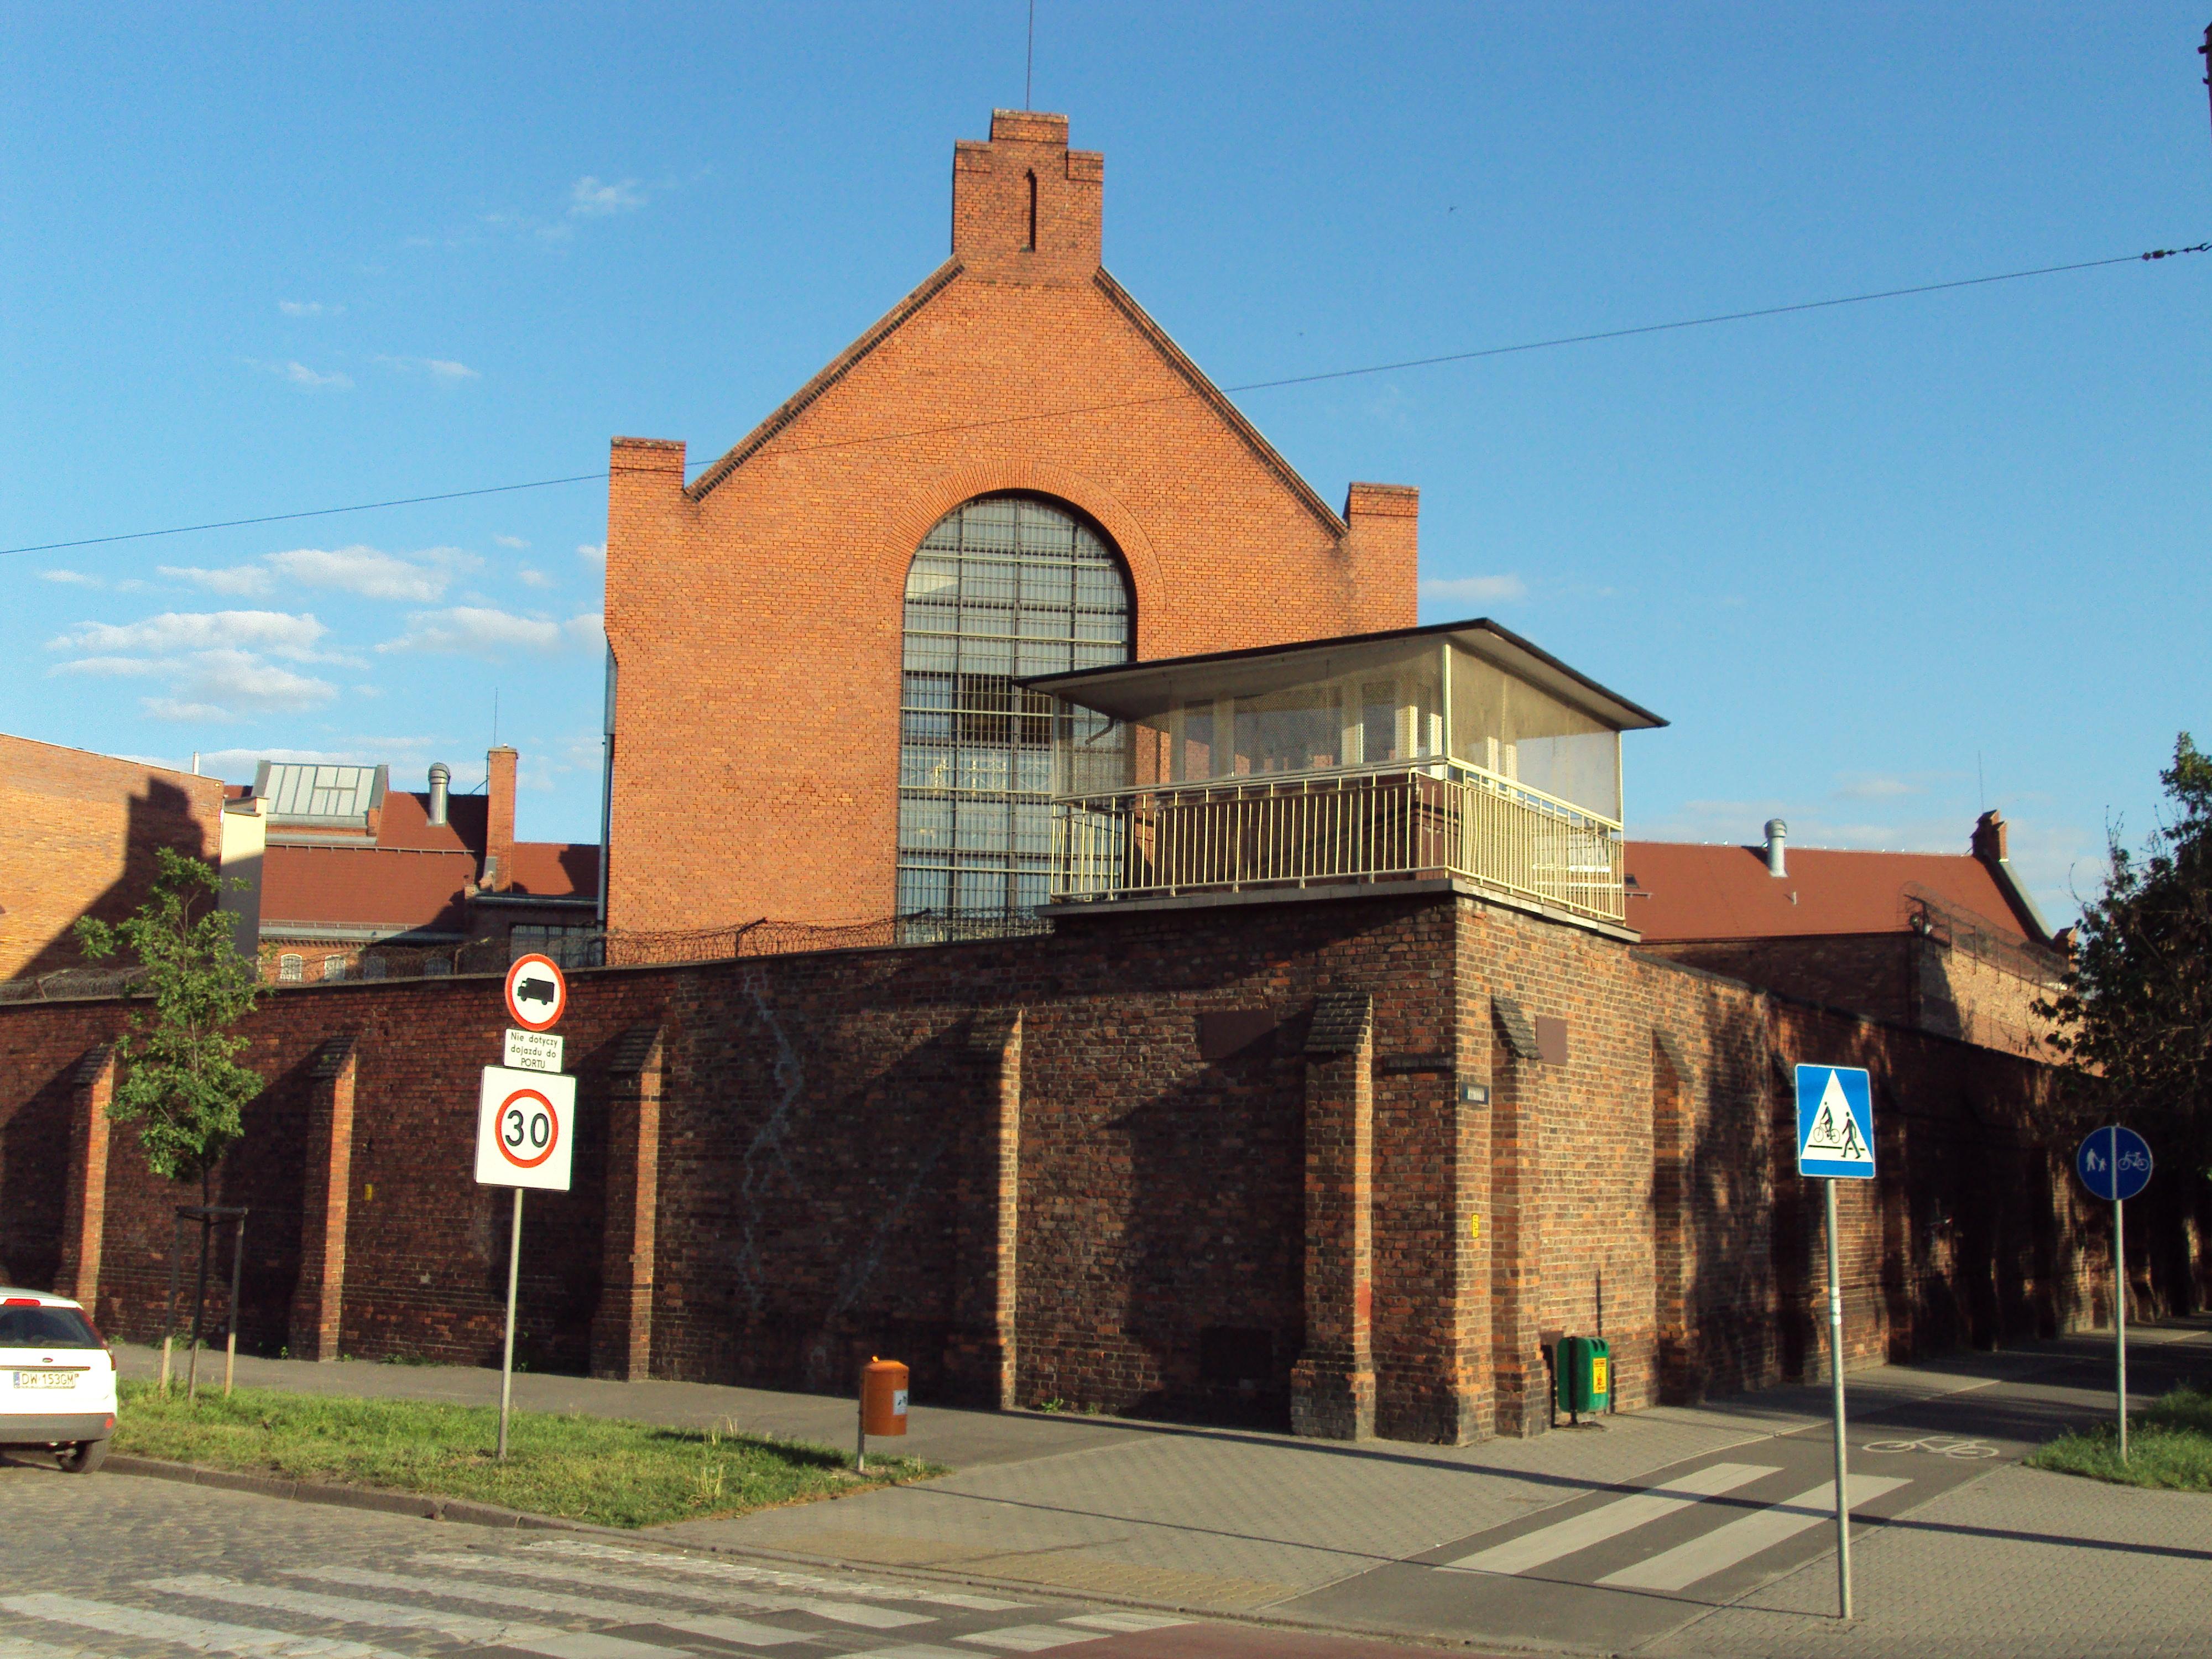 Plik Wrocław - Zakład Karny nr 1.jpg – Wikipedia 9ee0ddc7af34b